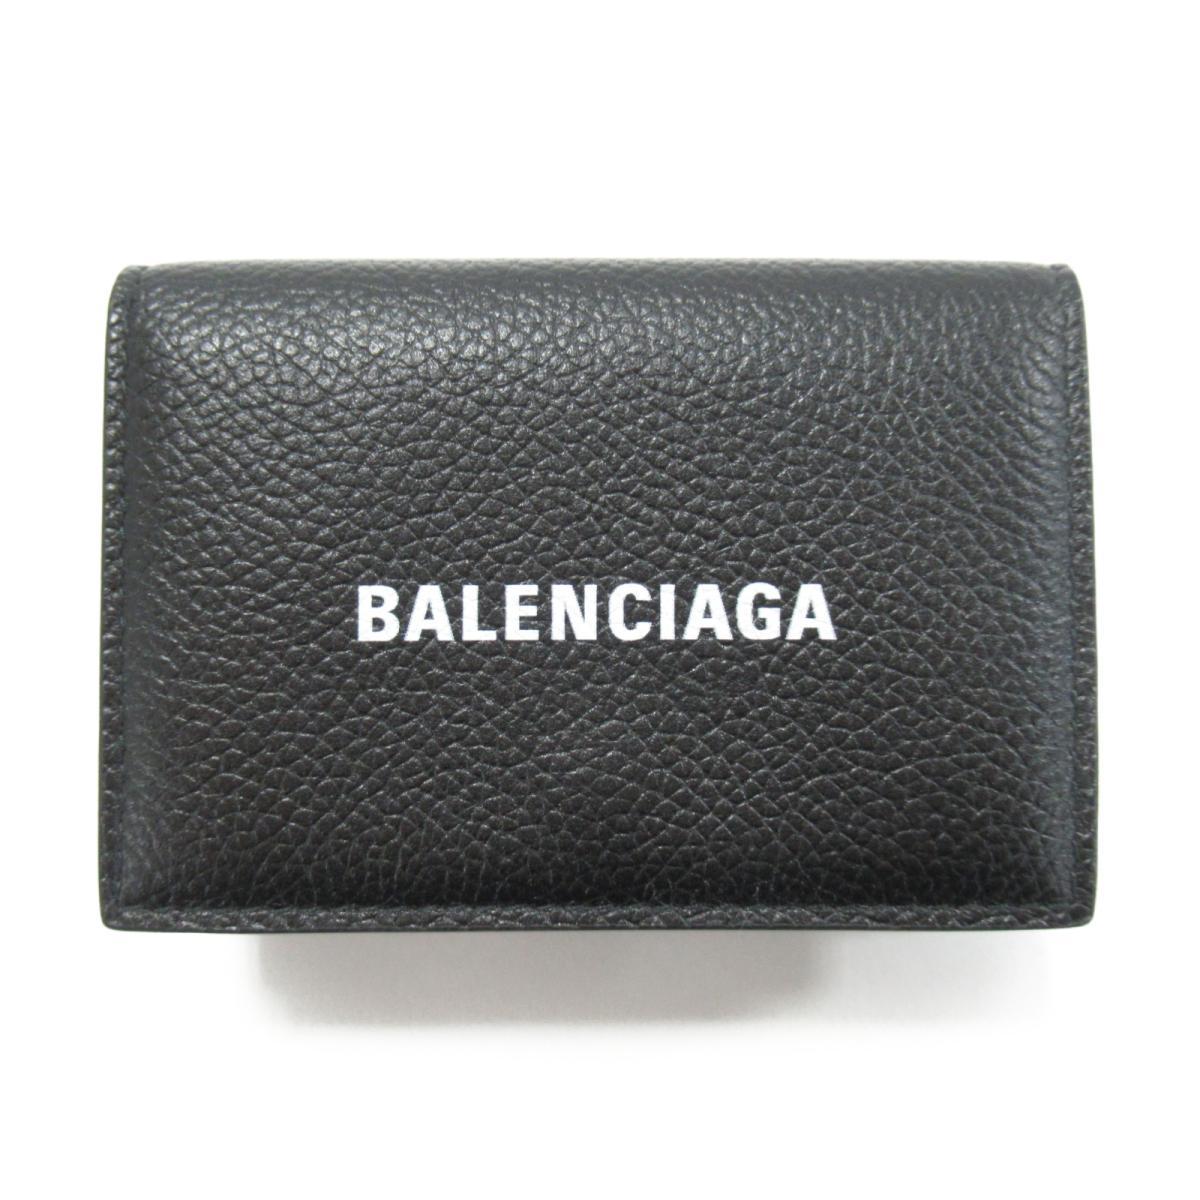 【中古】バレンシアガ 三つ折財布 ユニセックス レザー ブラック (594312 527545)